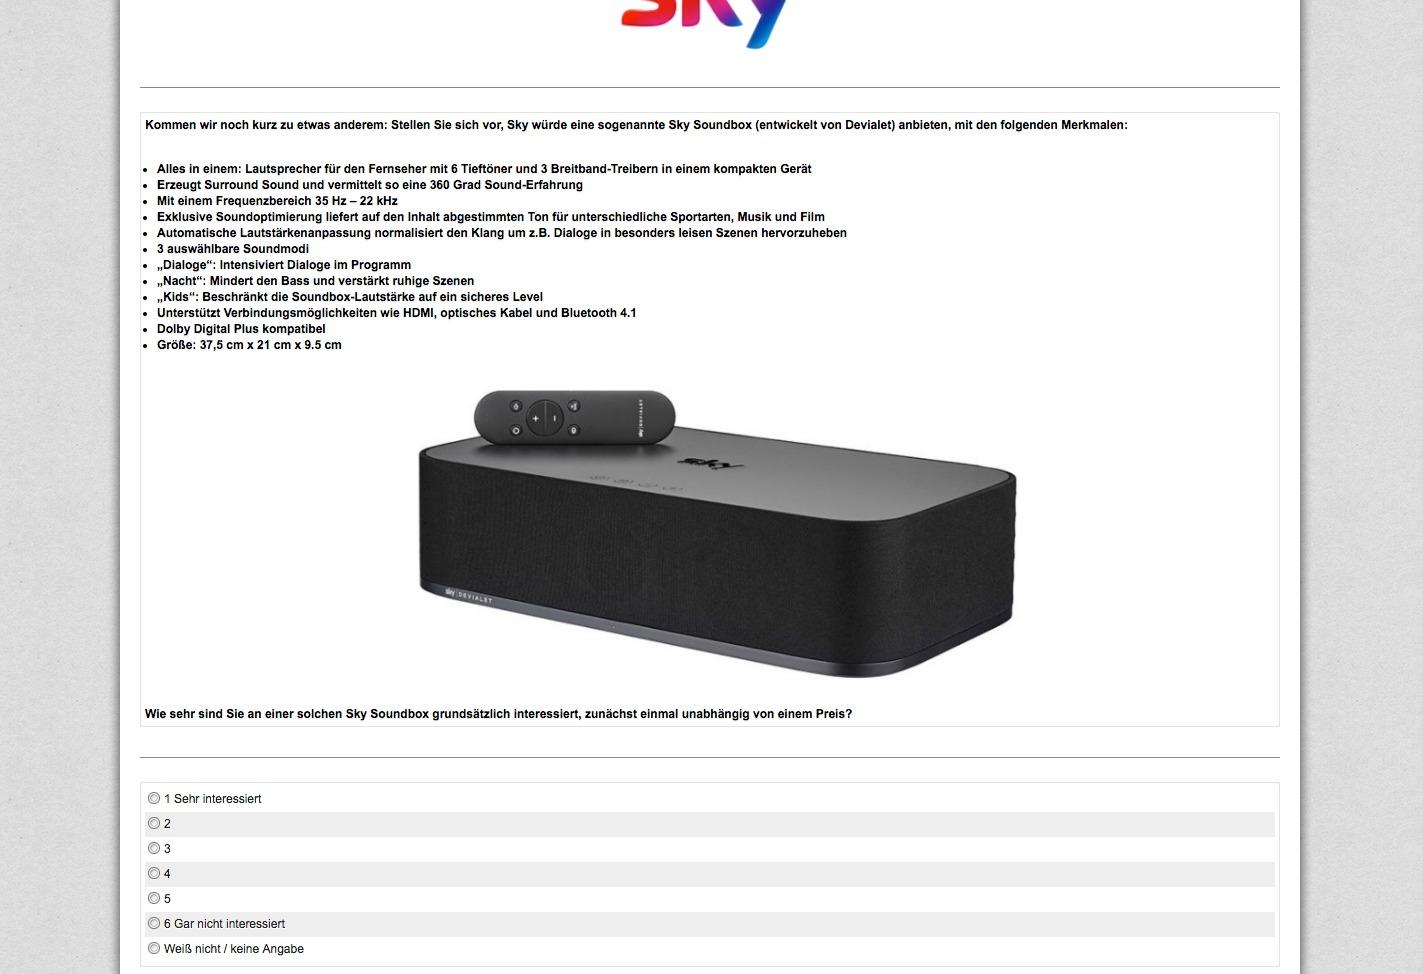 skySoundbox.jpg